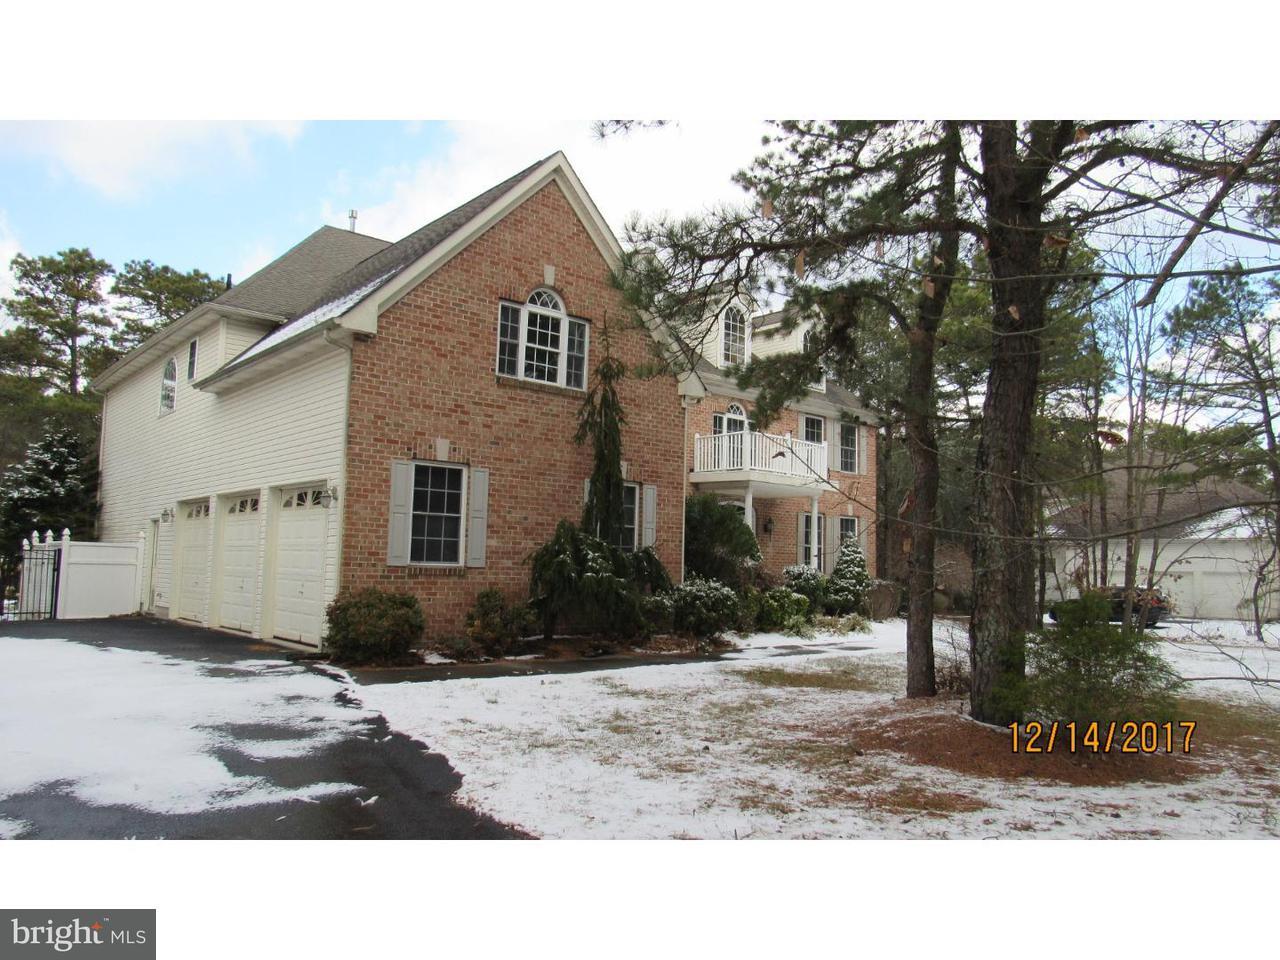 独户住宅 为 销售 在 109 JOHN JAMES AUDUBON WAY Evesham Twp, 新泽西州 08053 美国